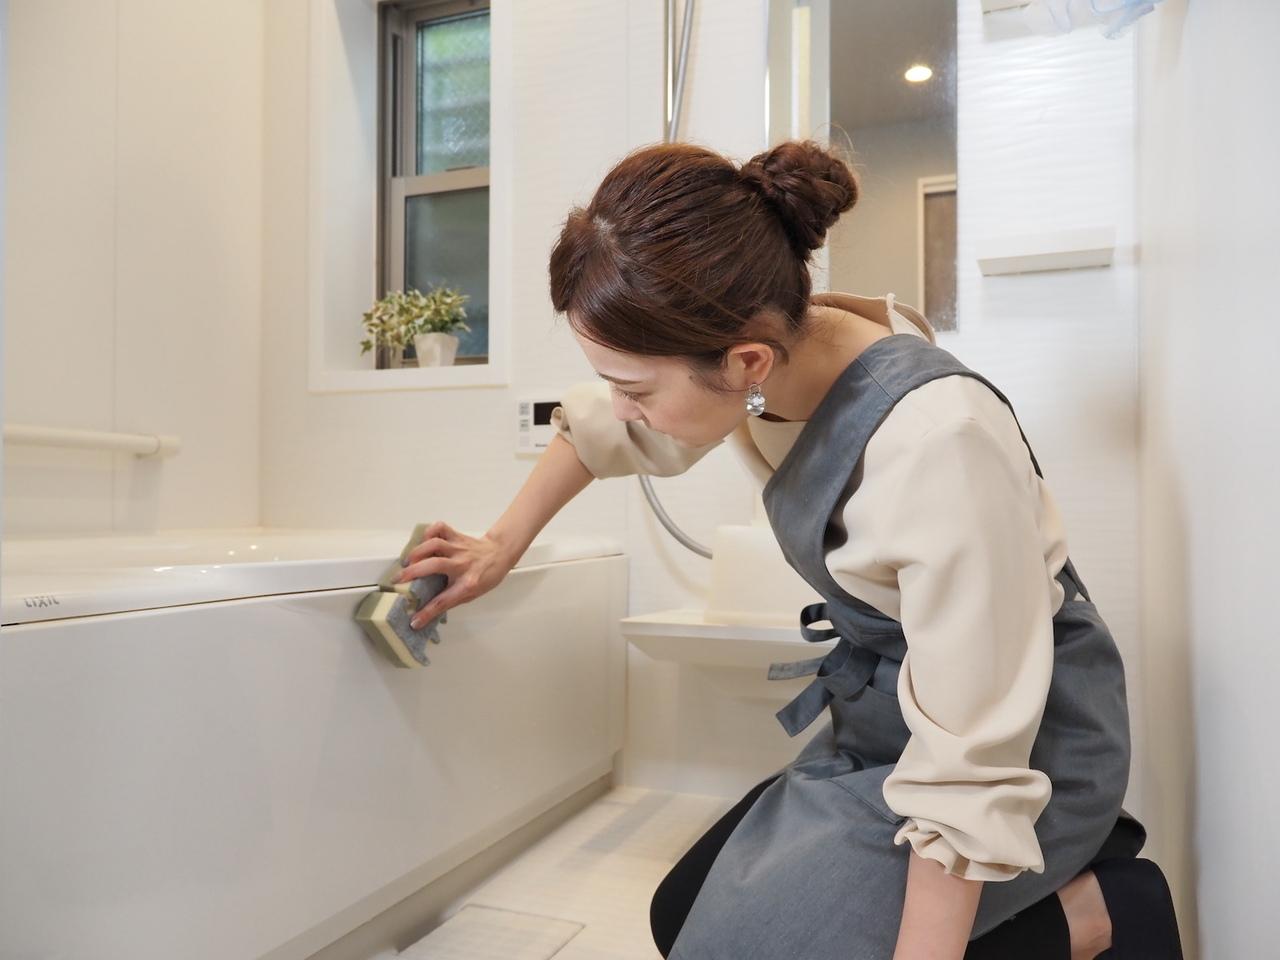 【初回限定! 】 CLÉ 掃除代行スタートプラン( 新規ご利用者様専用 )